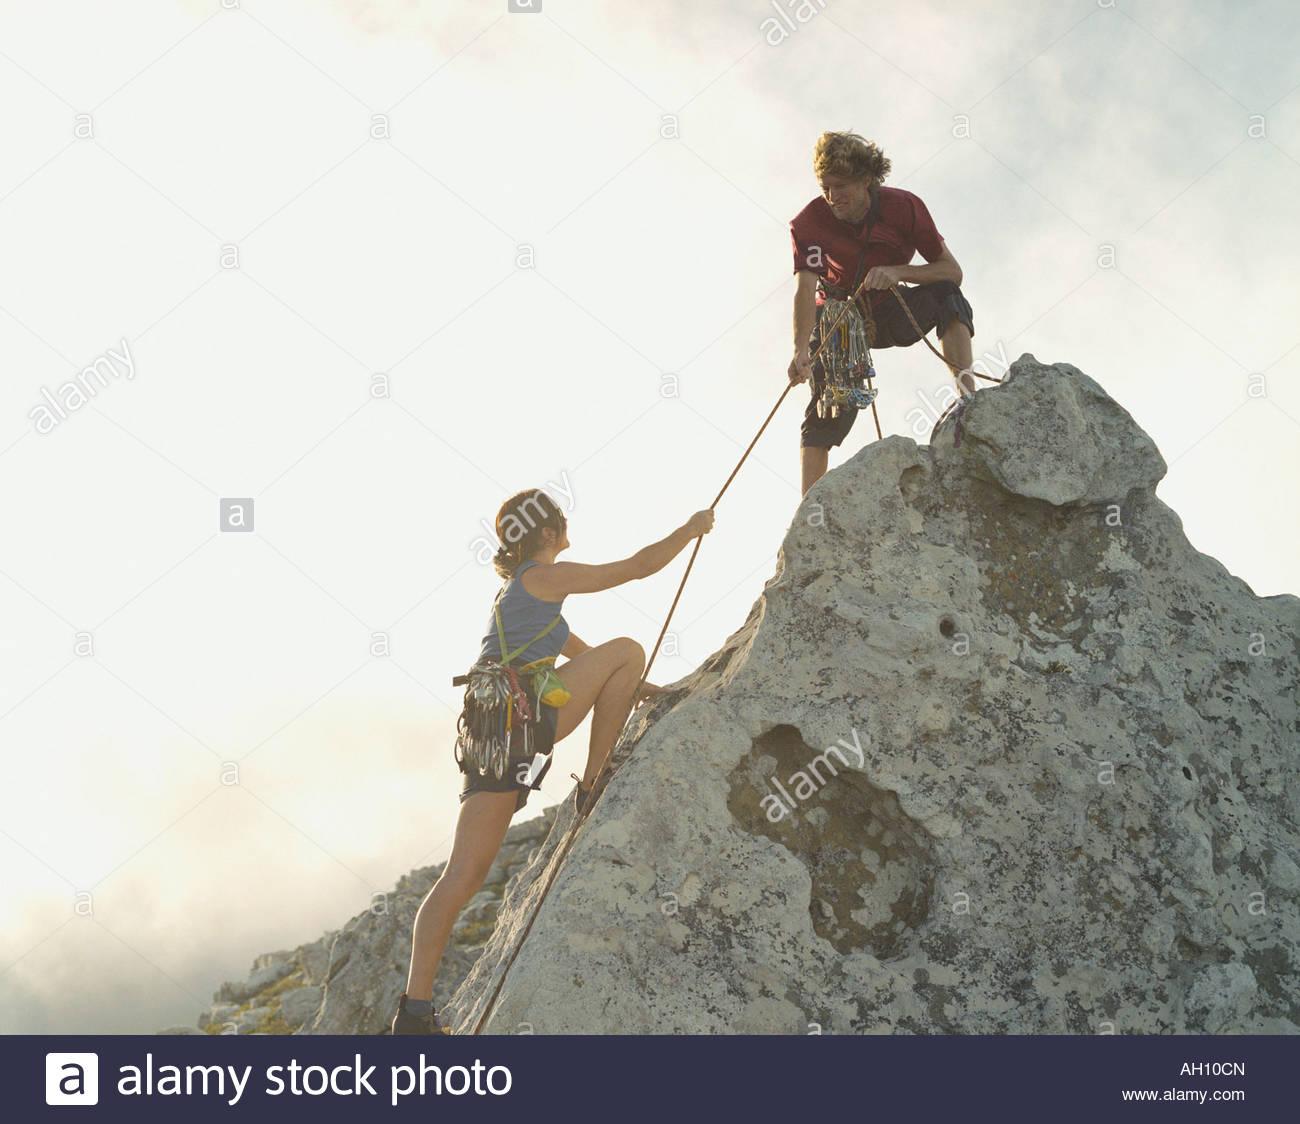 Un uomo sta aiutando una donna alpinista alla cima della montagna Immagini Stock